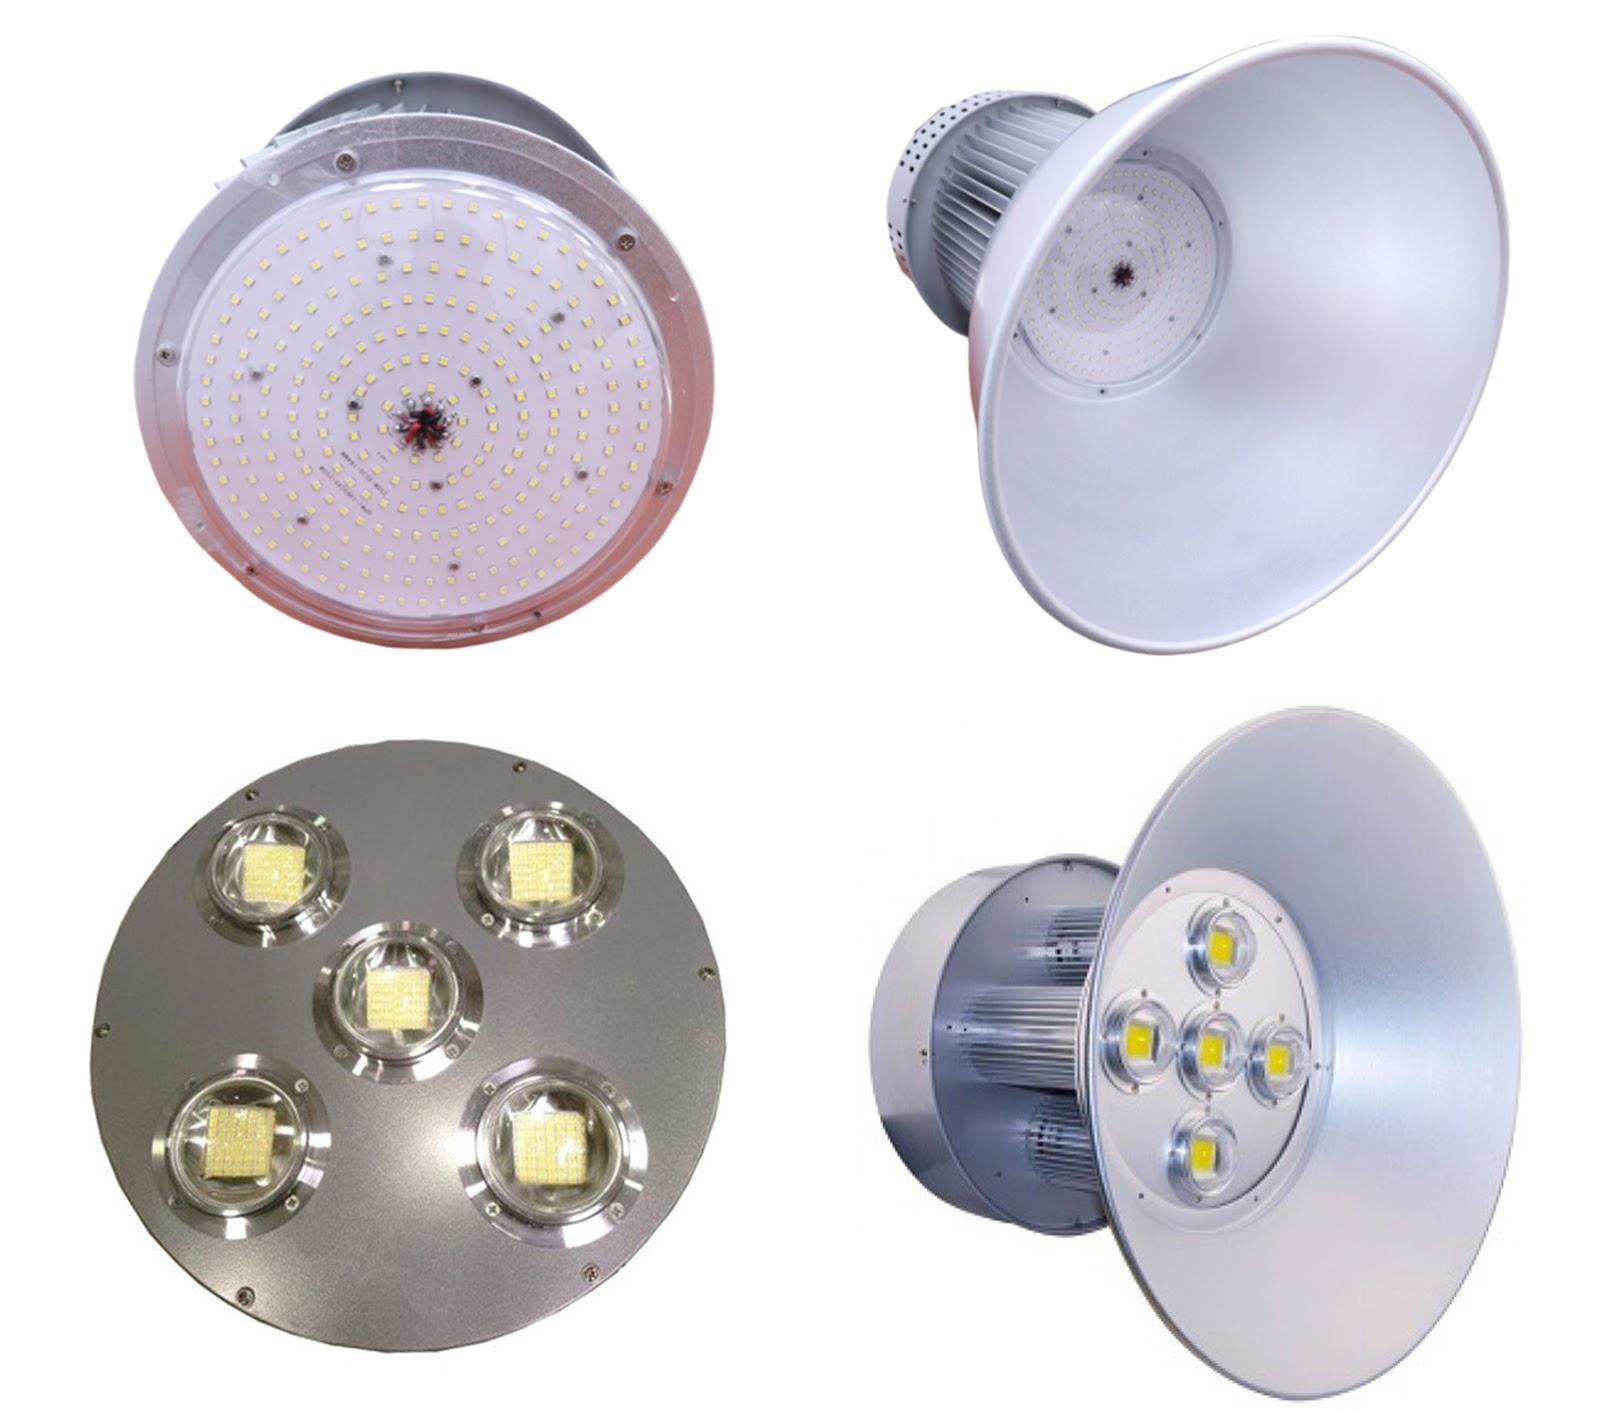 Kiểu dáng phổ biến của đèn LED highbay 250w